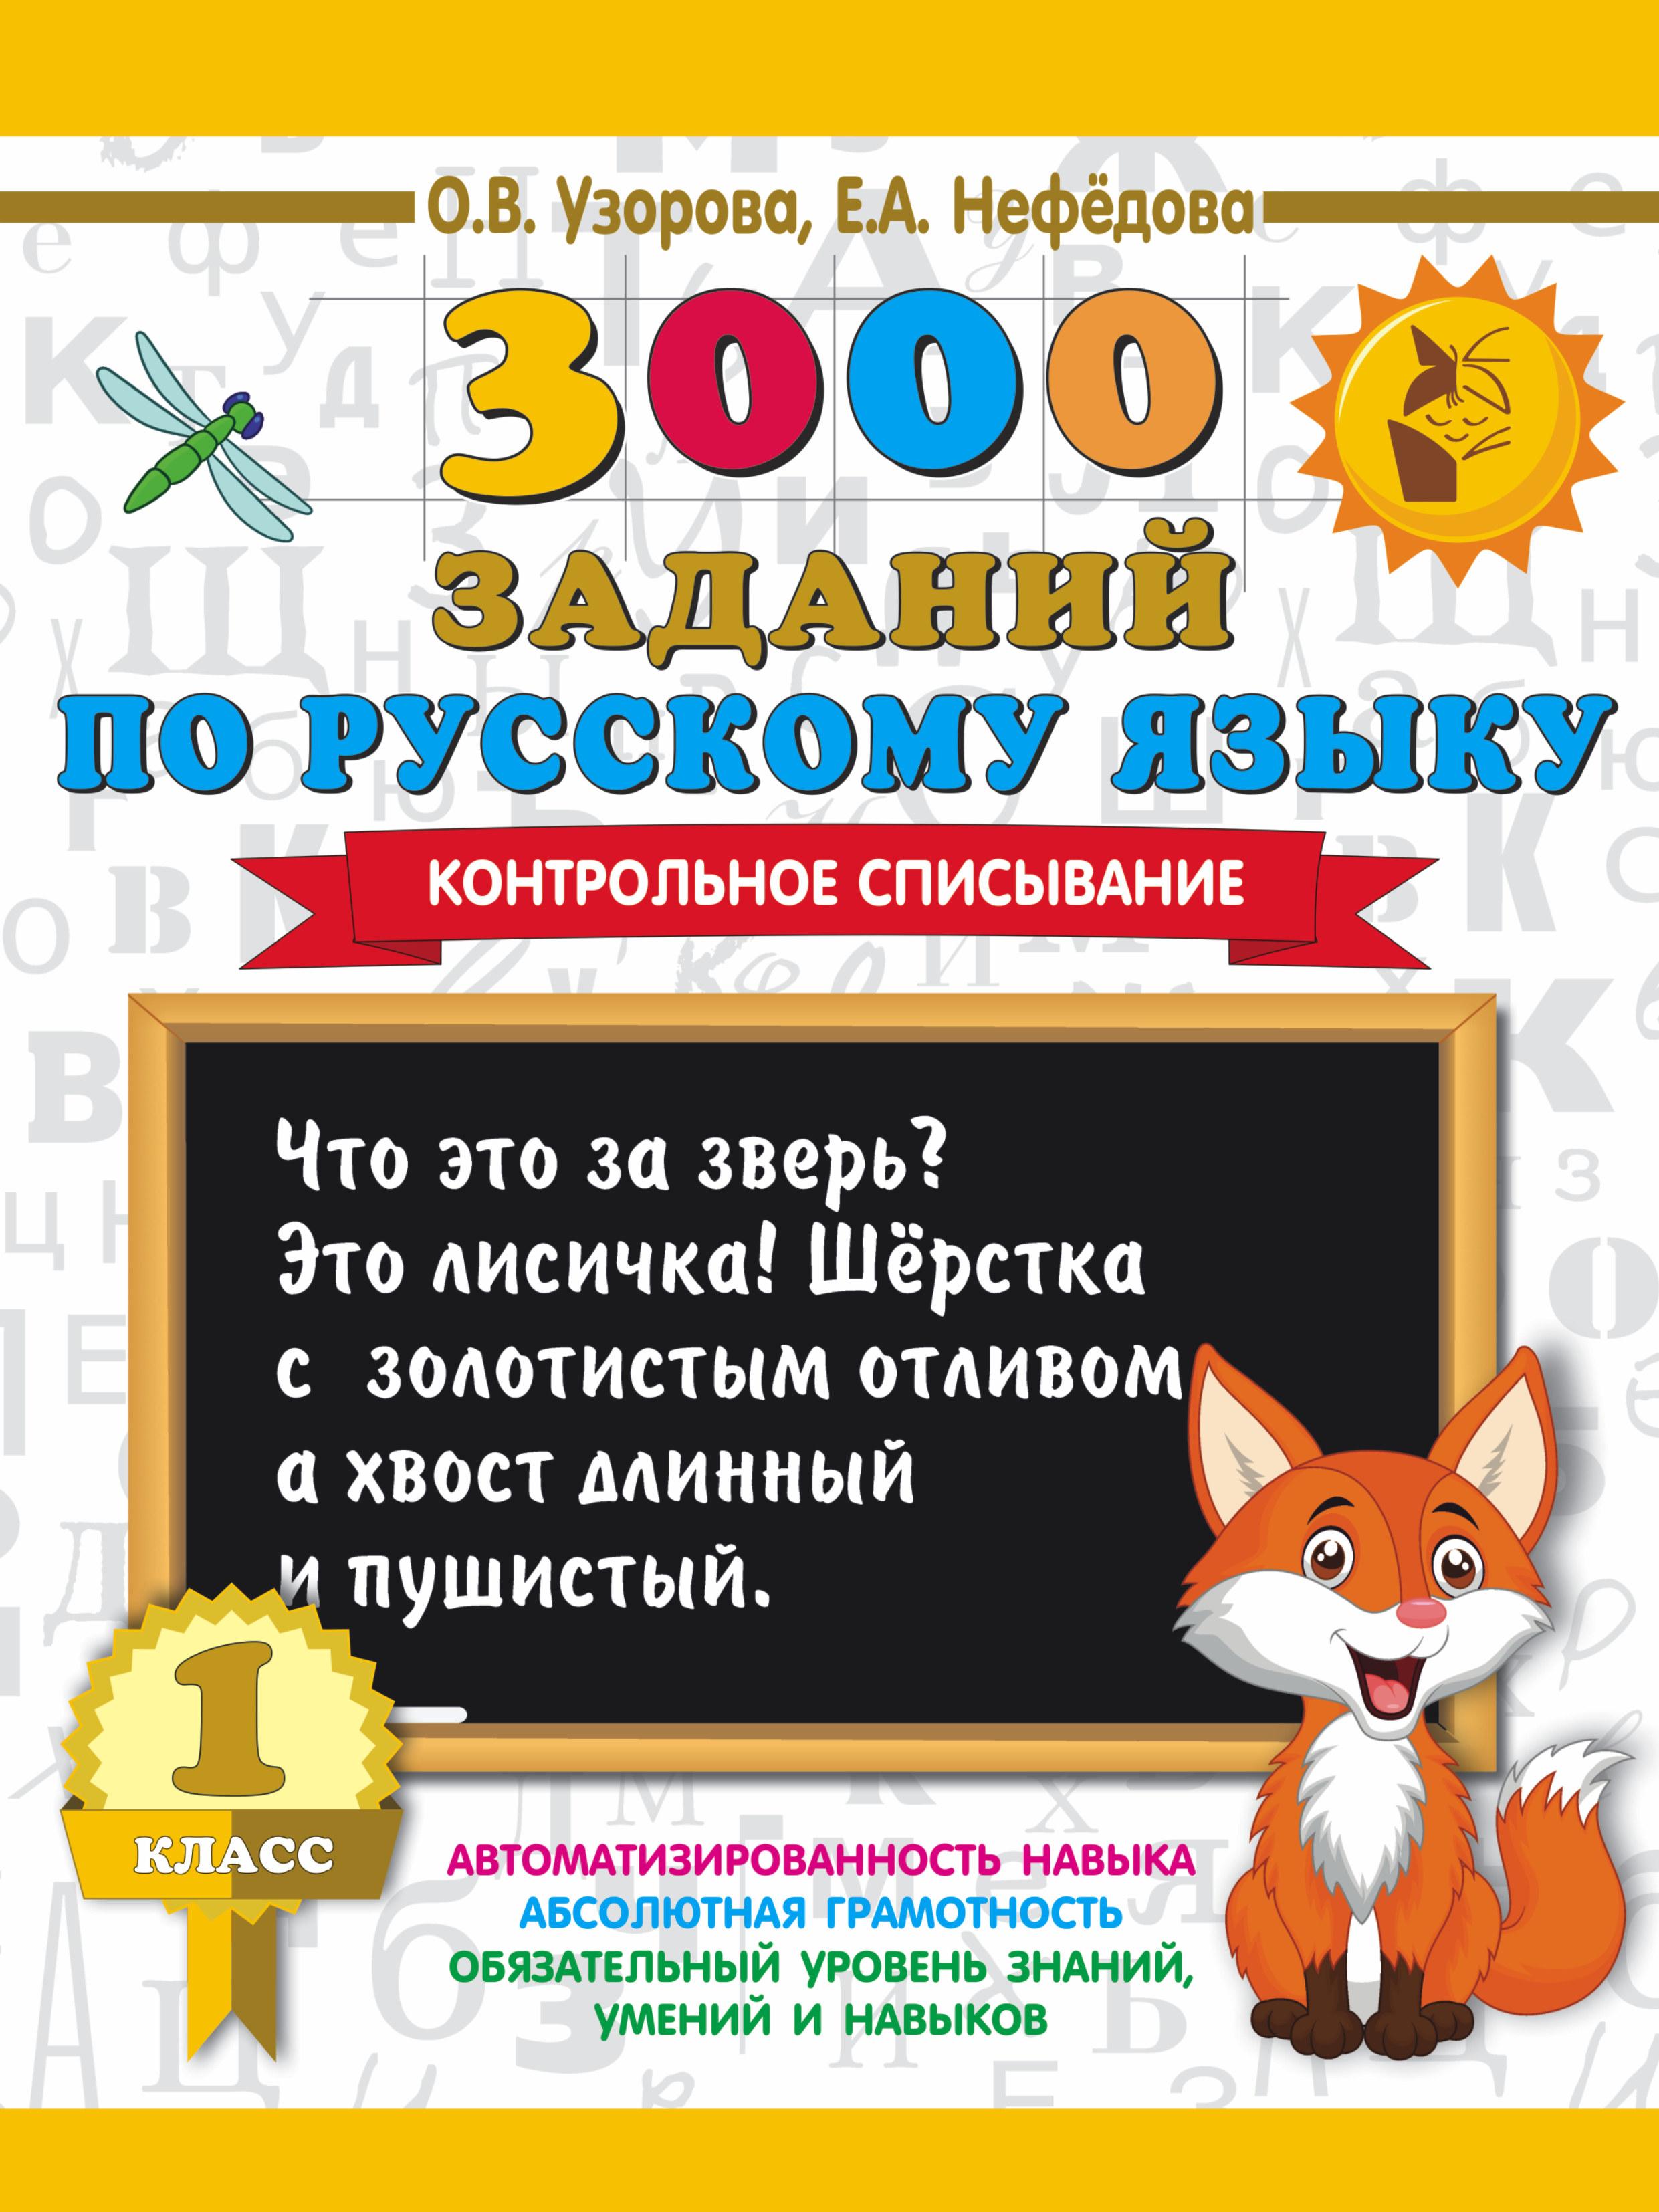 3000 заданий по русскому языку. 1 класс. Контрольное списывание. ( Узорова О.В., Нефёдова Е.А.  )